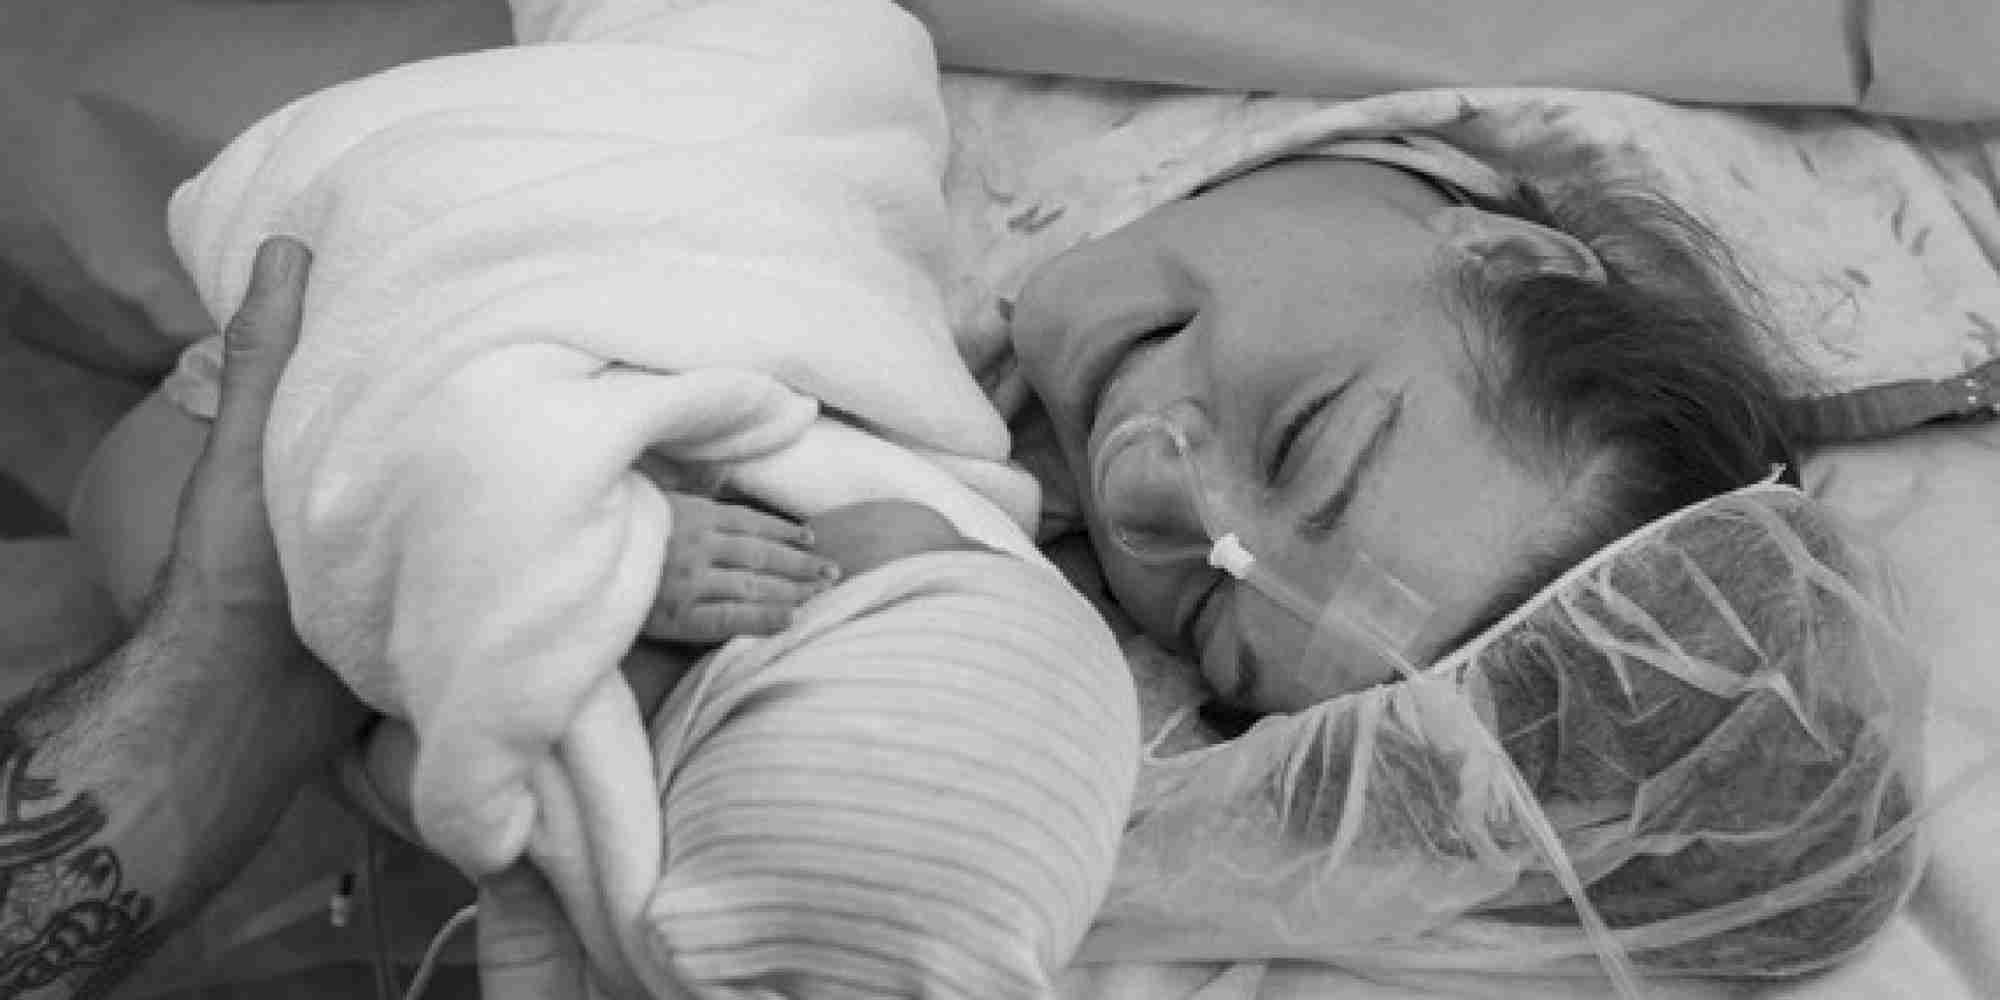 帝王切開で出産した母親についての3つの真実|Monet Moutrie